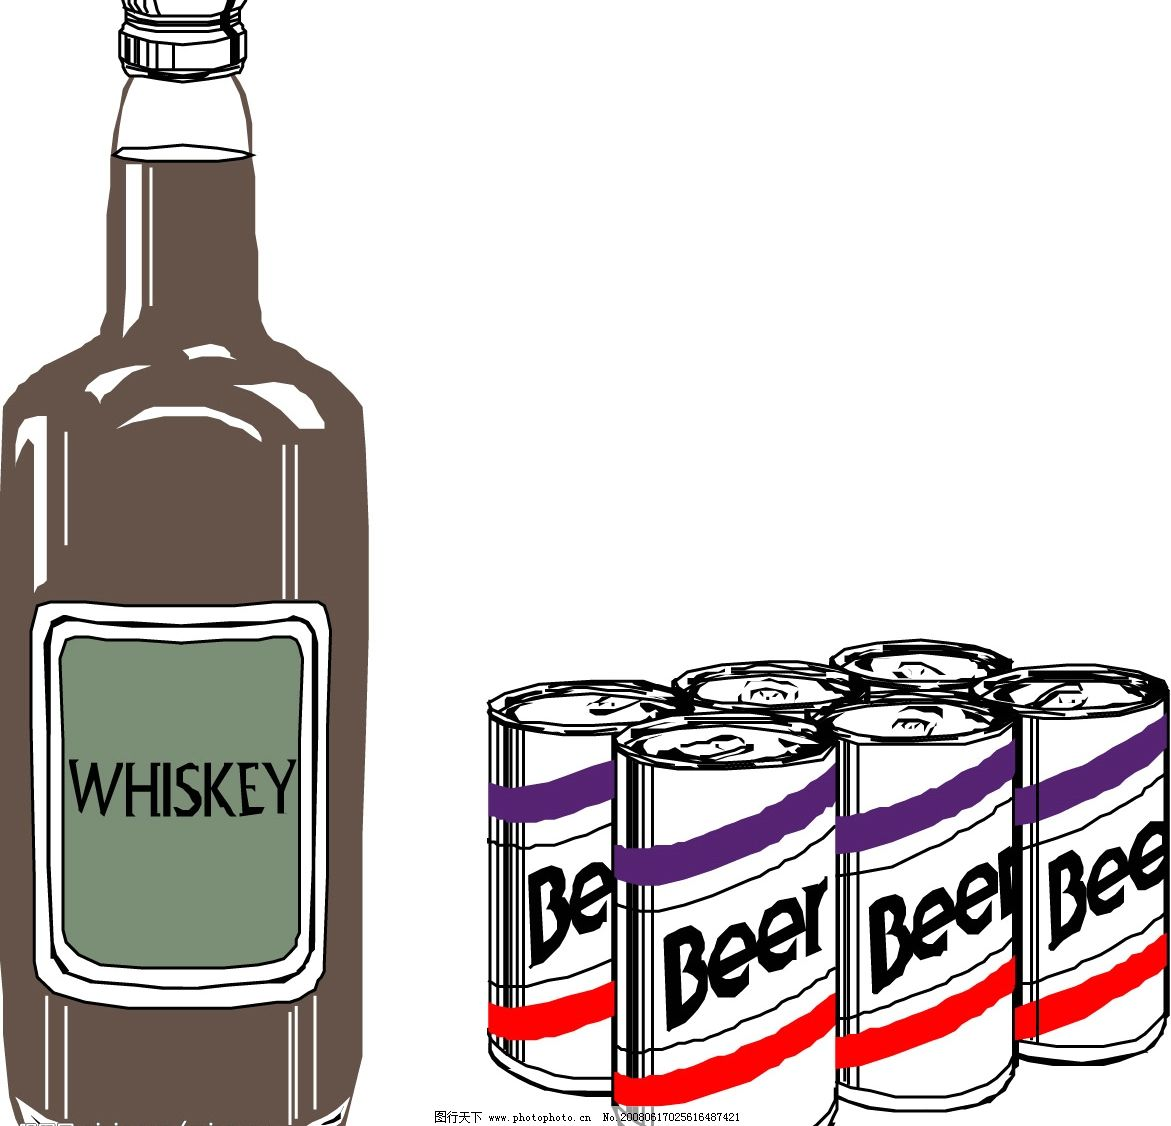 啤酒饮料矢量图 啤酒 饮料 易拉罐 矢量图 生活百科 餐饮美食 矢量